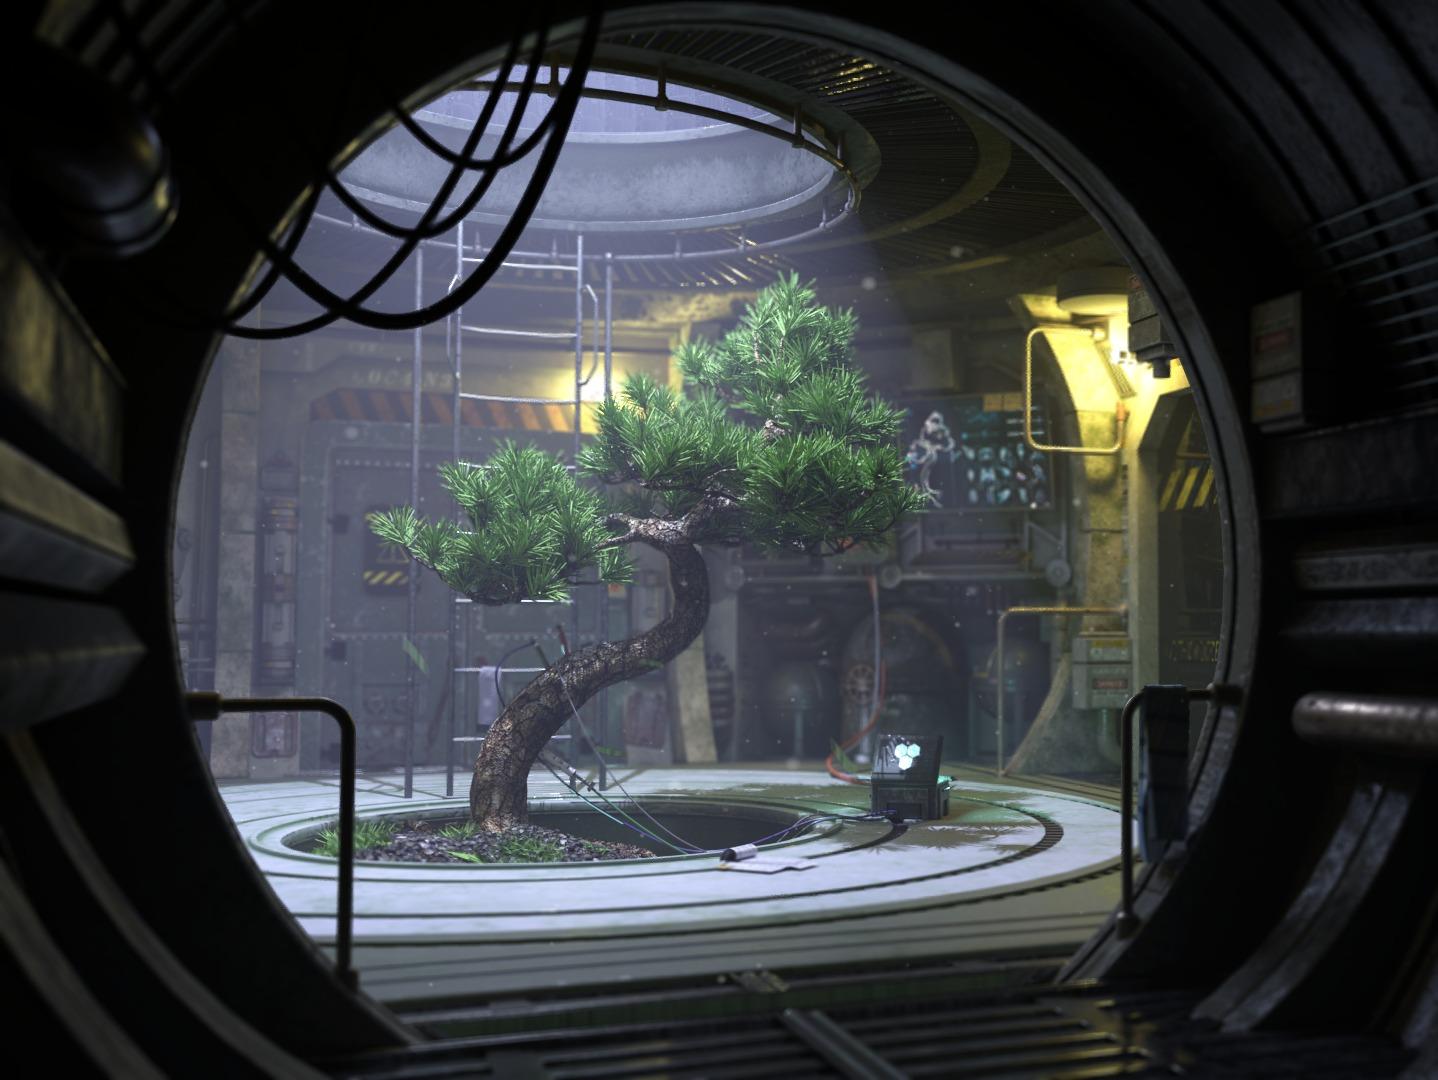 Spaceship Interior Scene